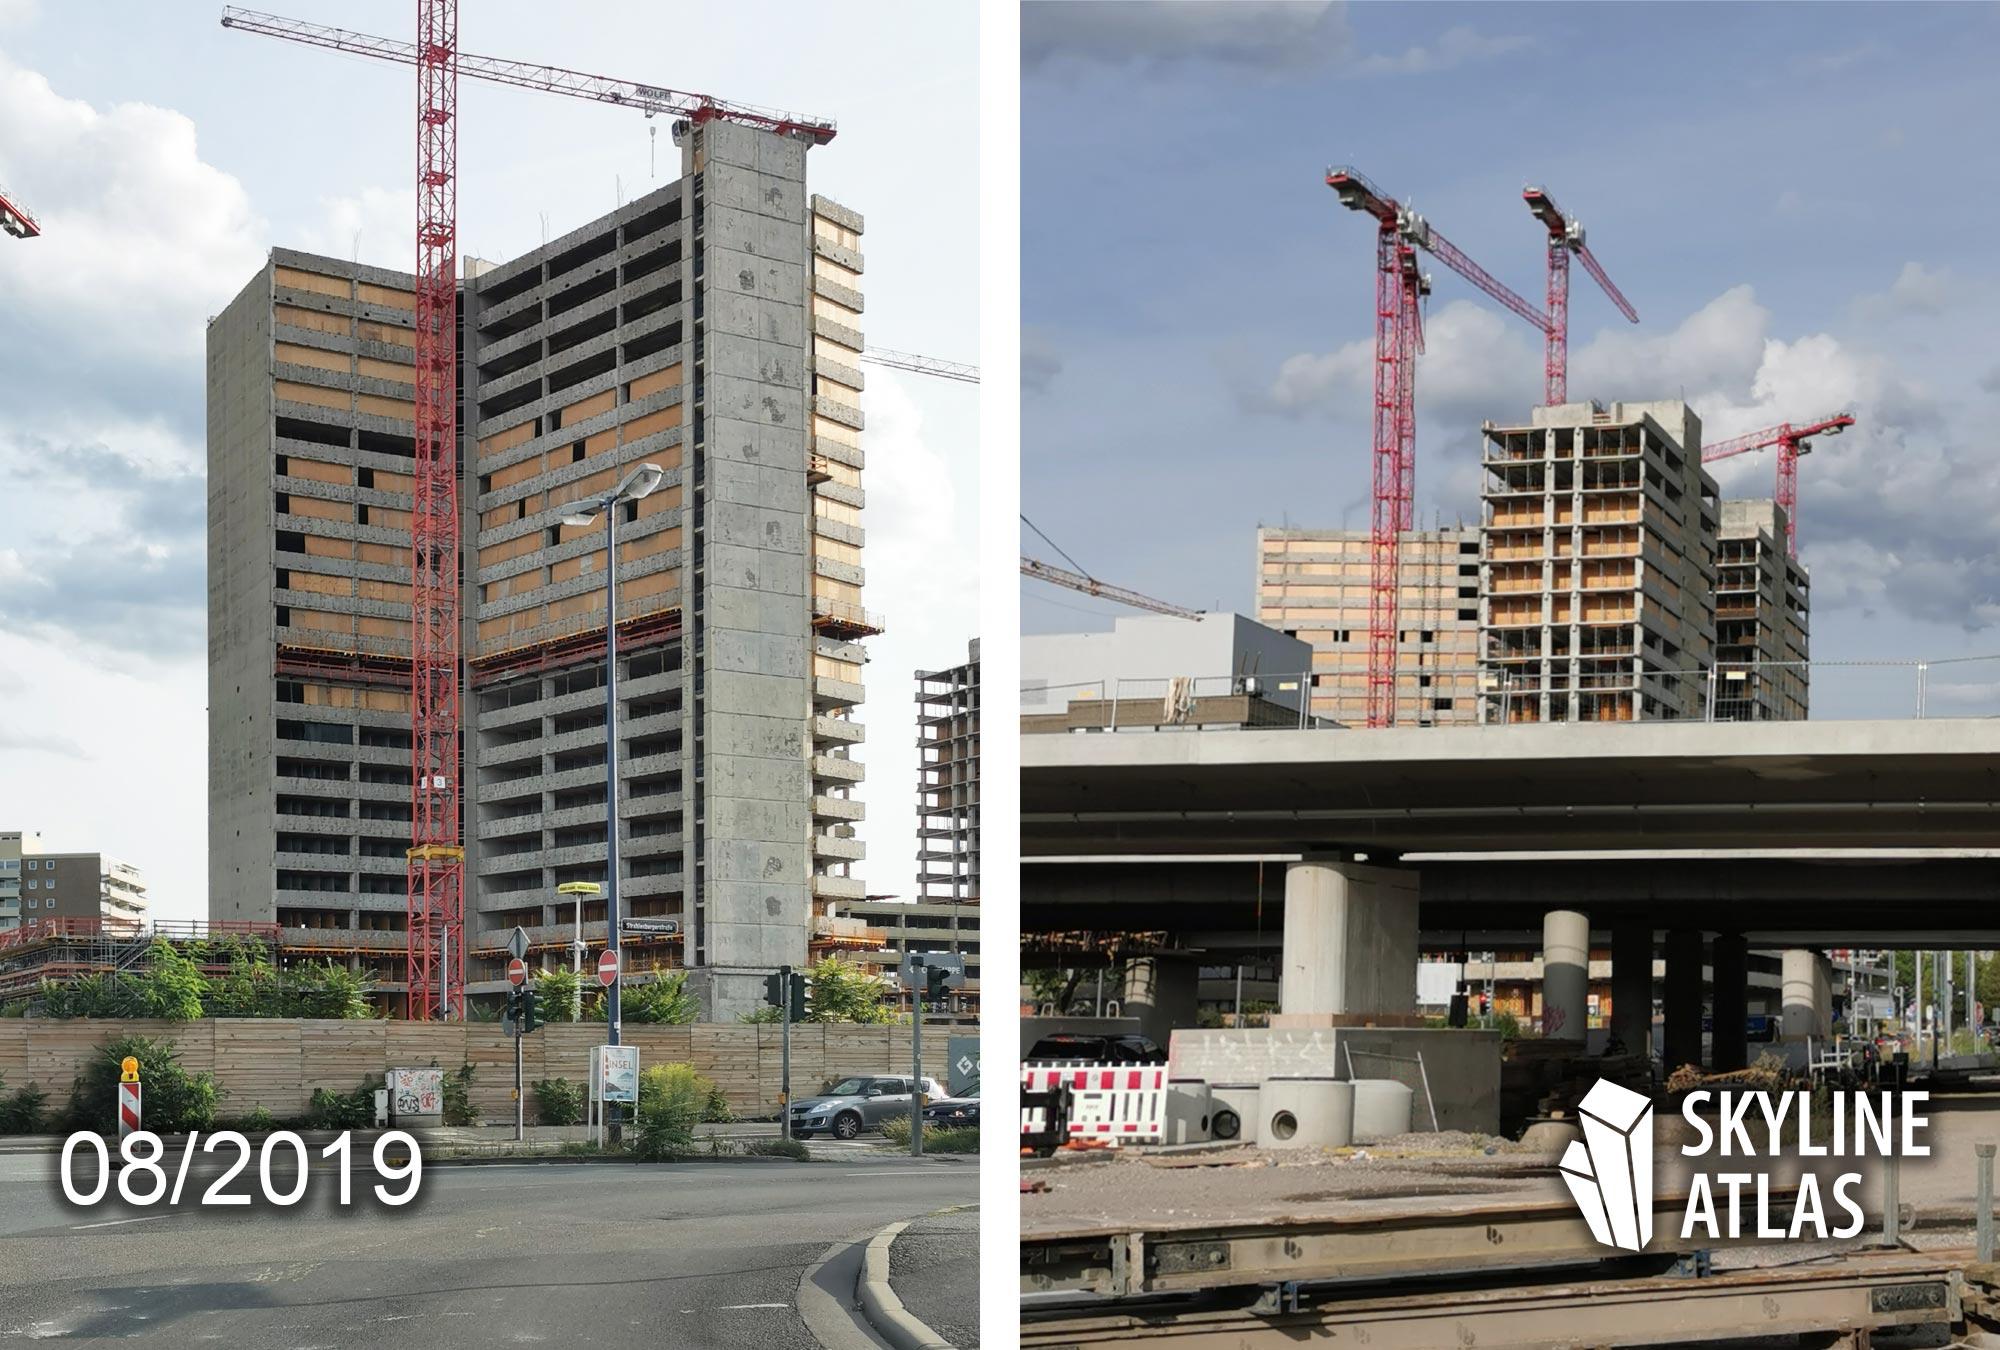 New Frankfurt Towers - Hochhäuser in Offenbach am Main - Kaiserlei Hochhaus im Bau - Projekt der CG Gruppe im August 2019